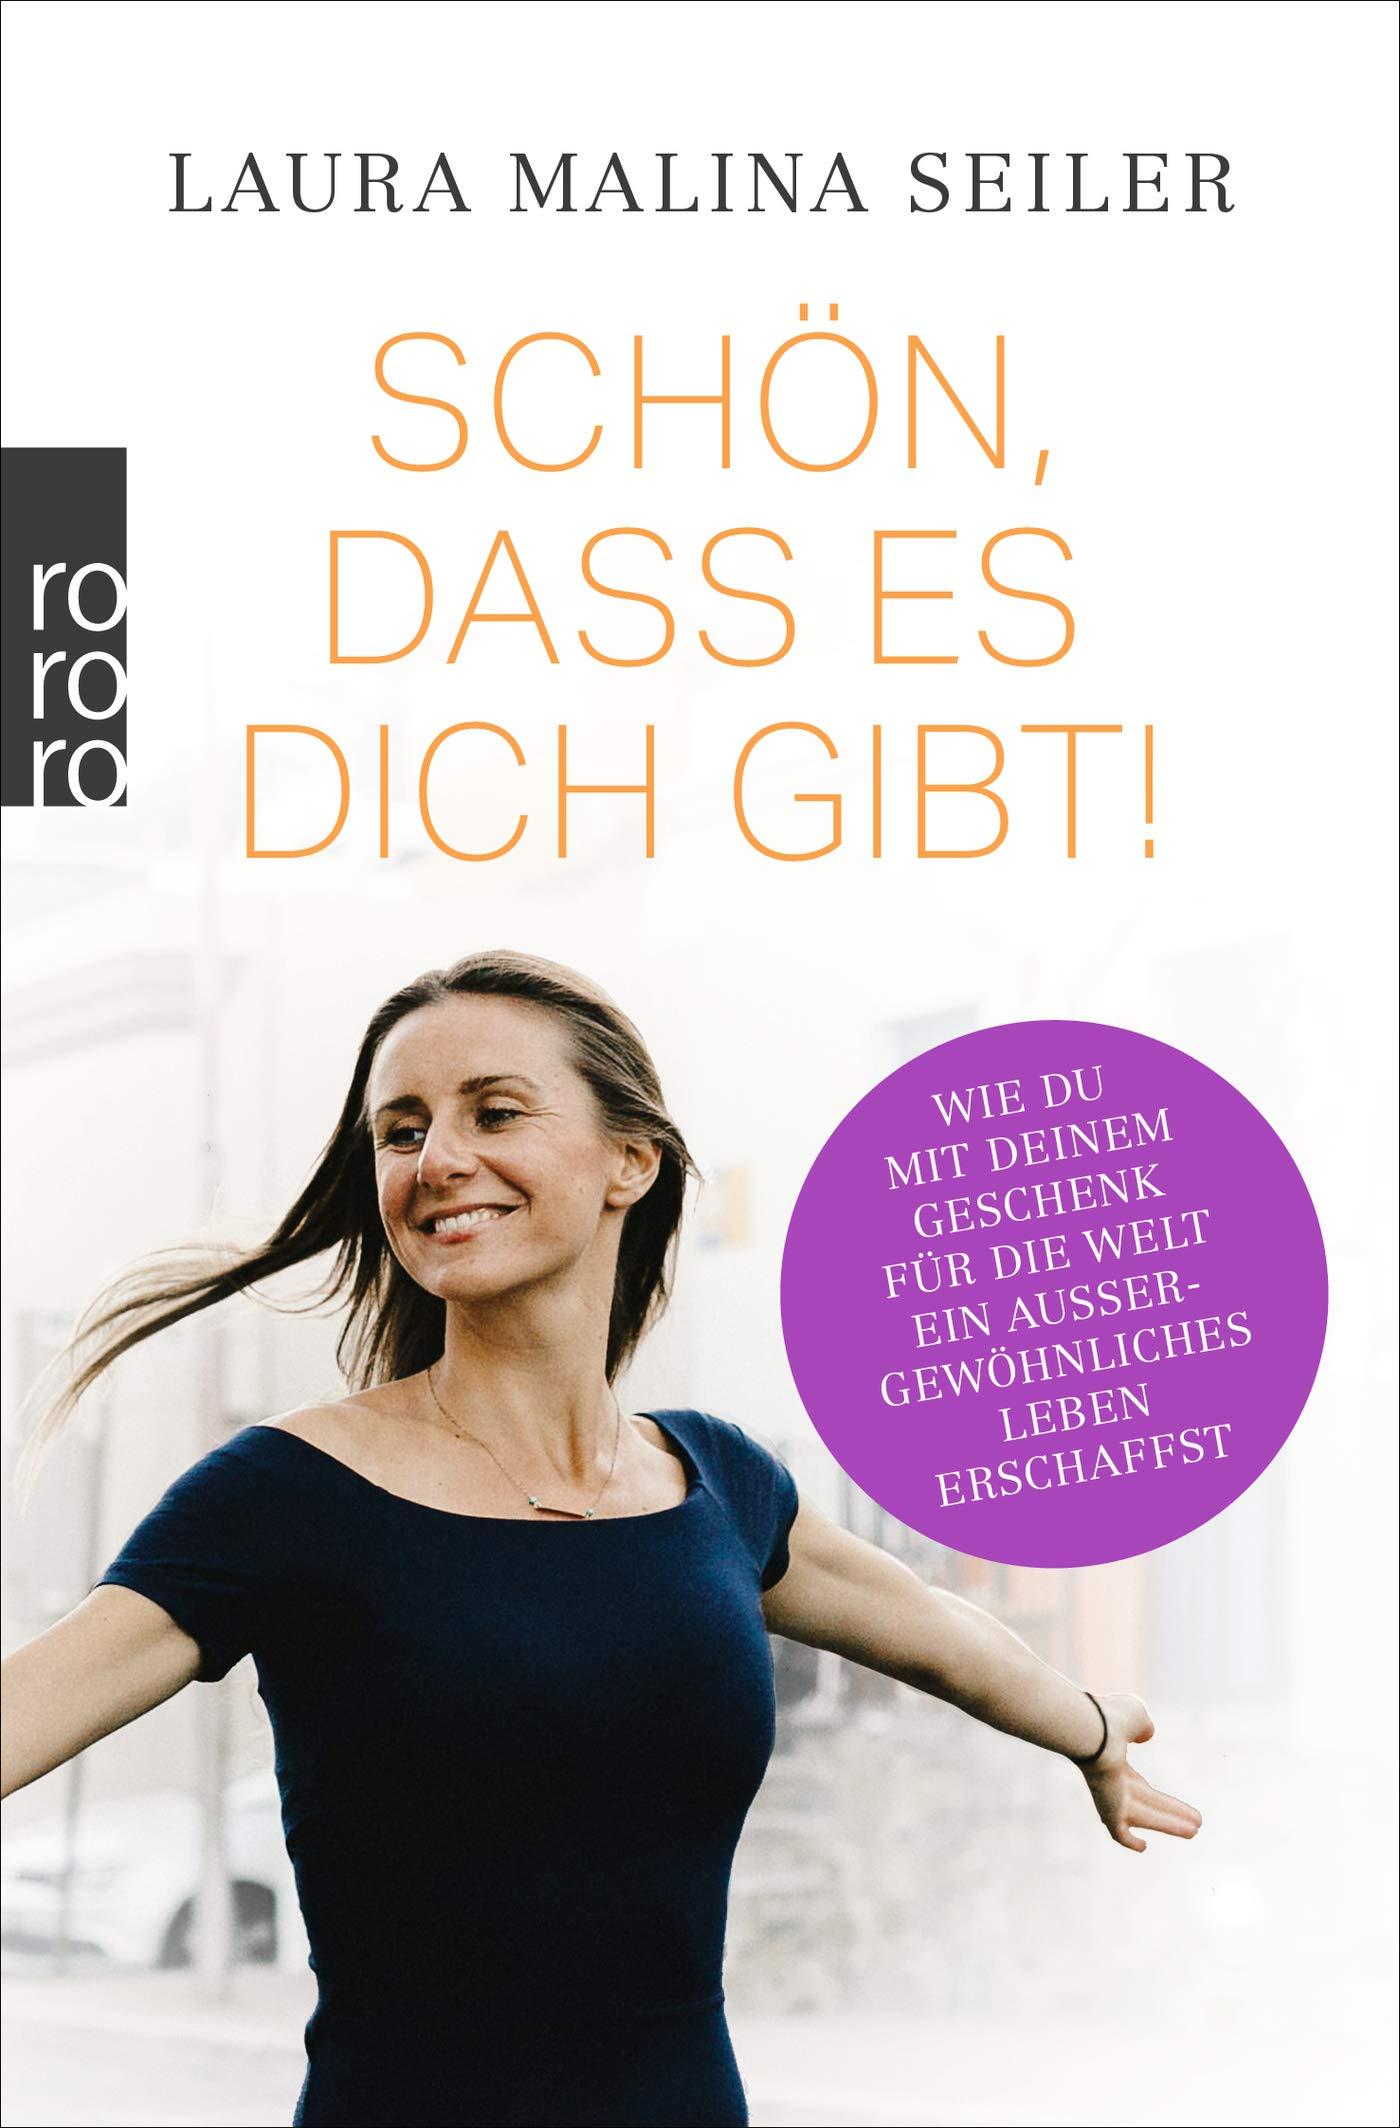 Schön, dass es dich gibt  Seiler, Laura Malina Amazon.de Bücher